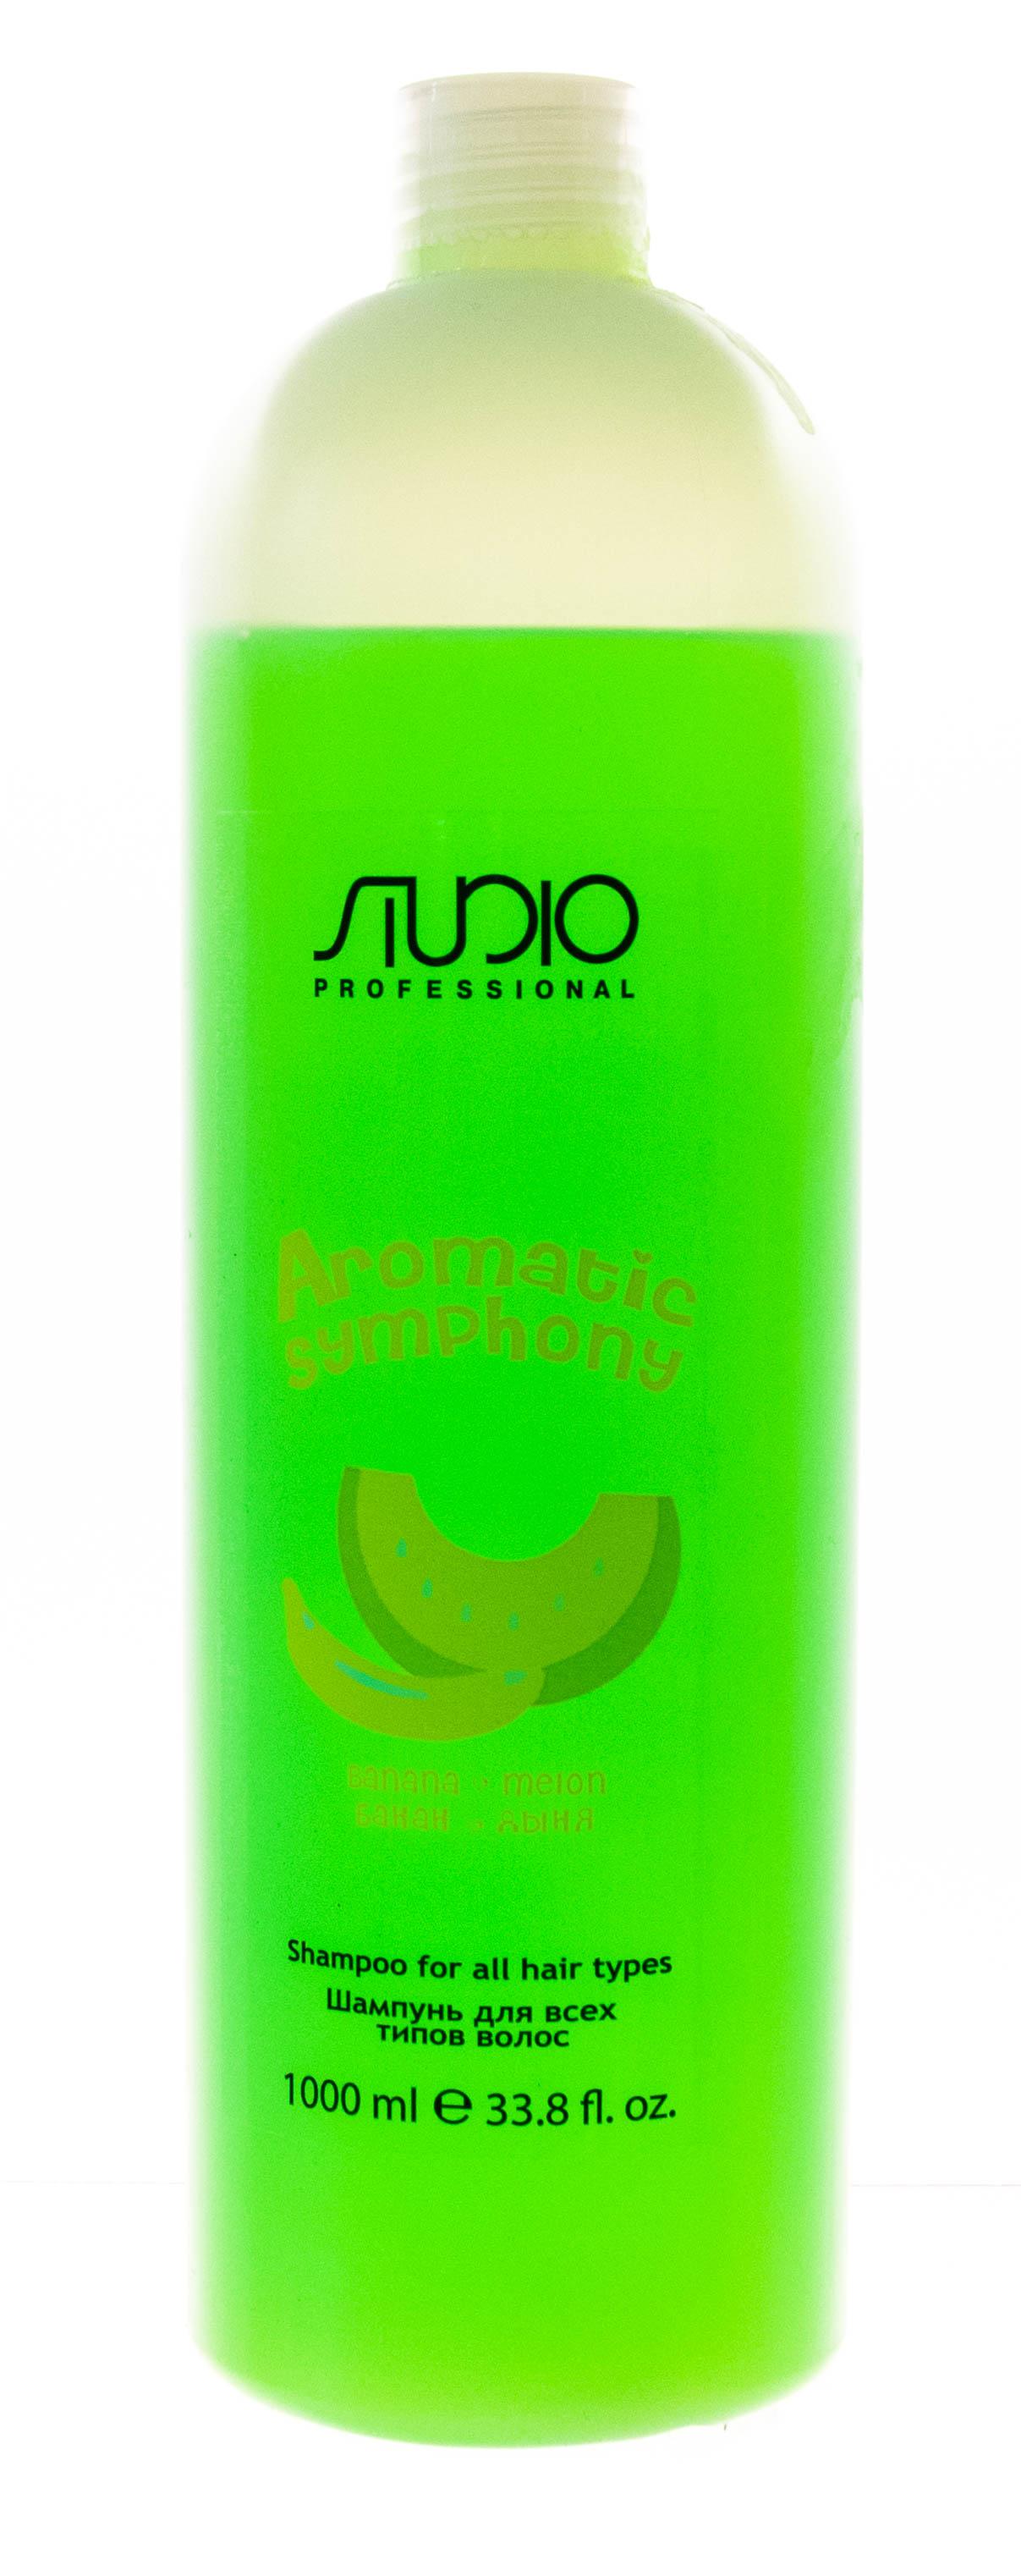 Купить Kapous Professional Шампунь для всех типов волос «Банан и дыня», 1000 мл (Kapous Professional, Kapous Studio)